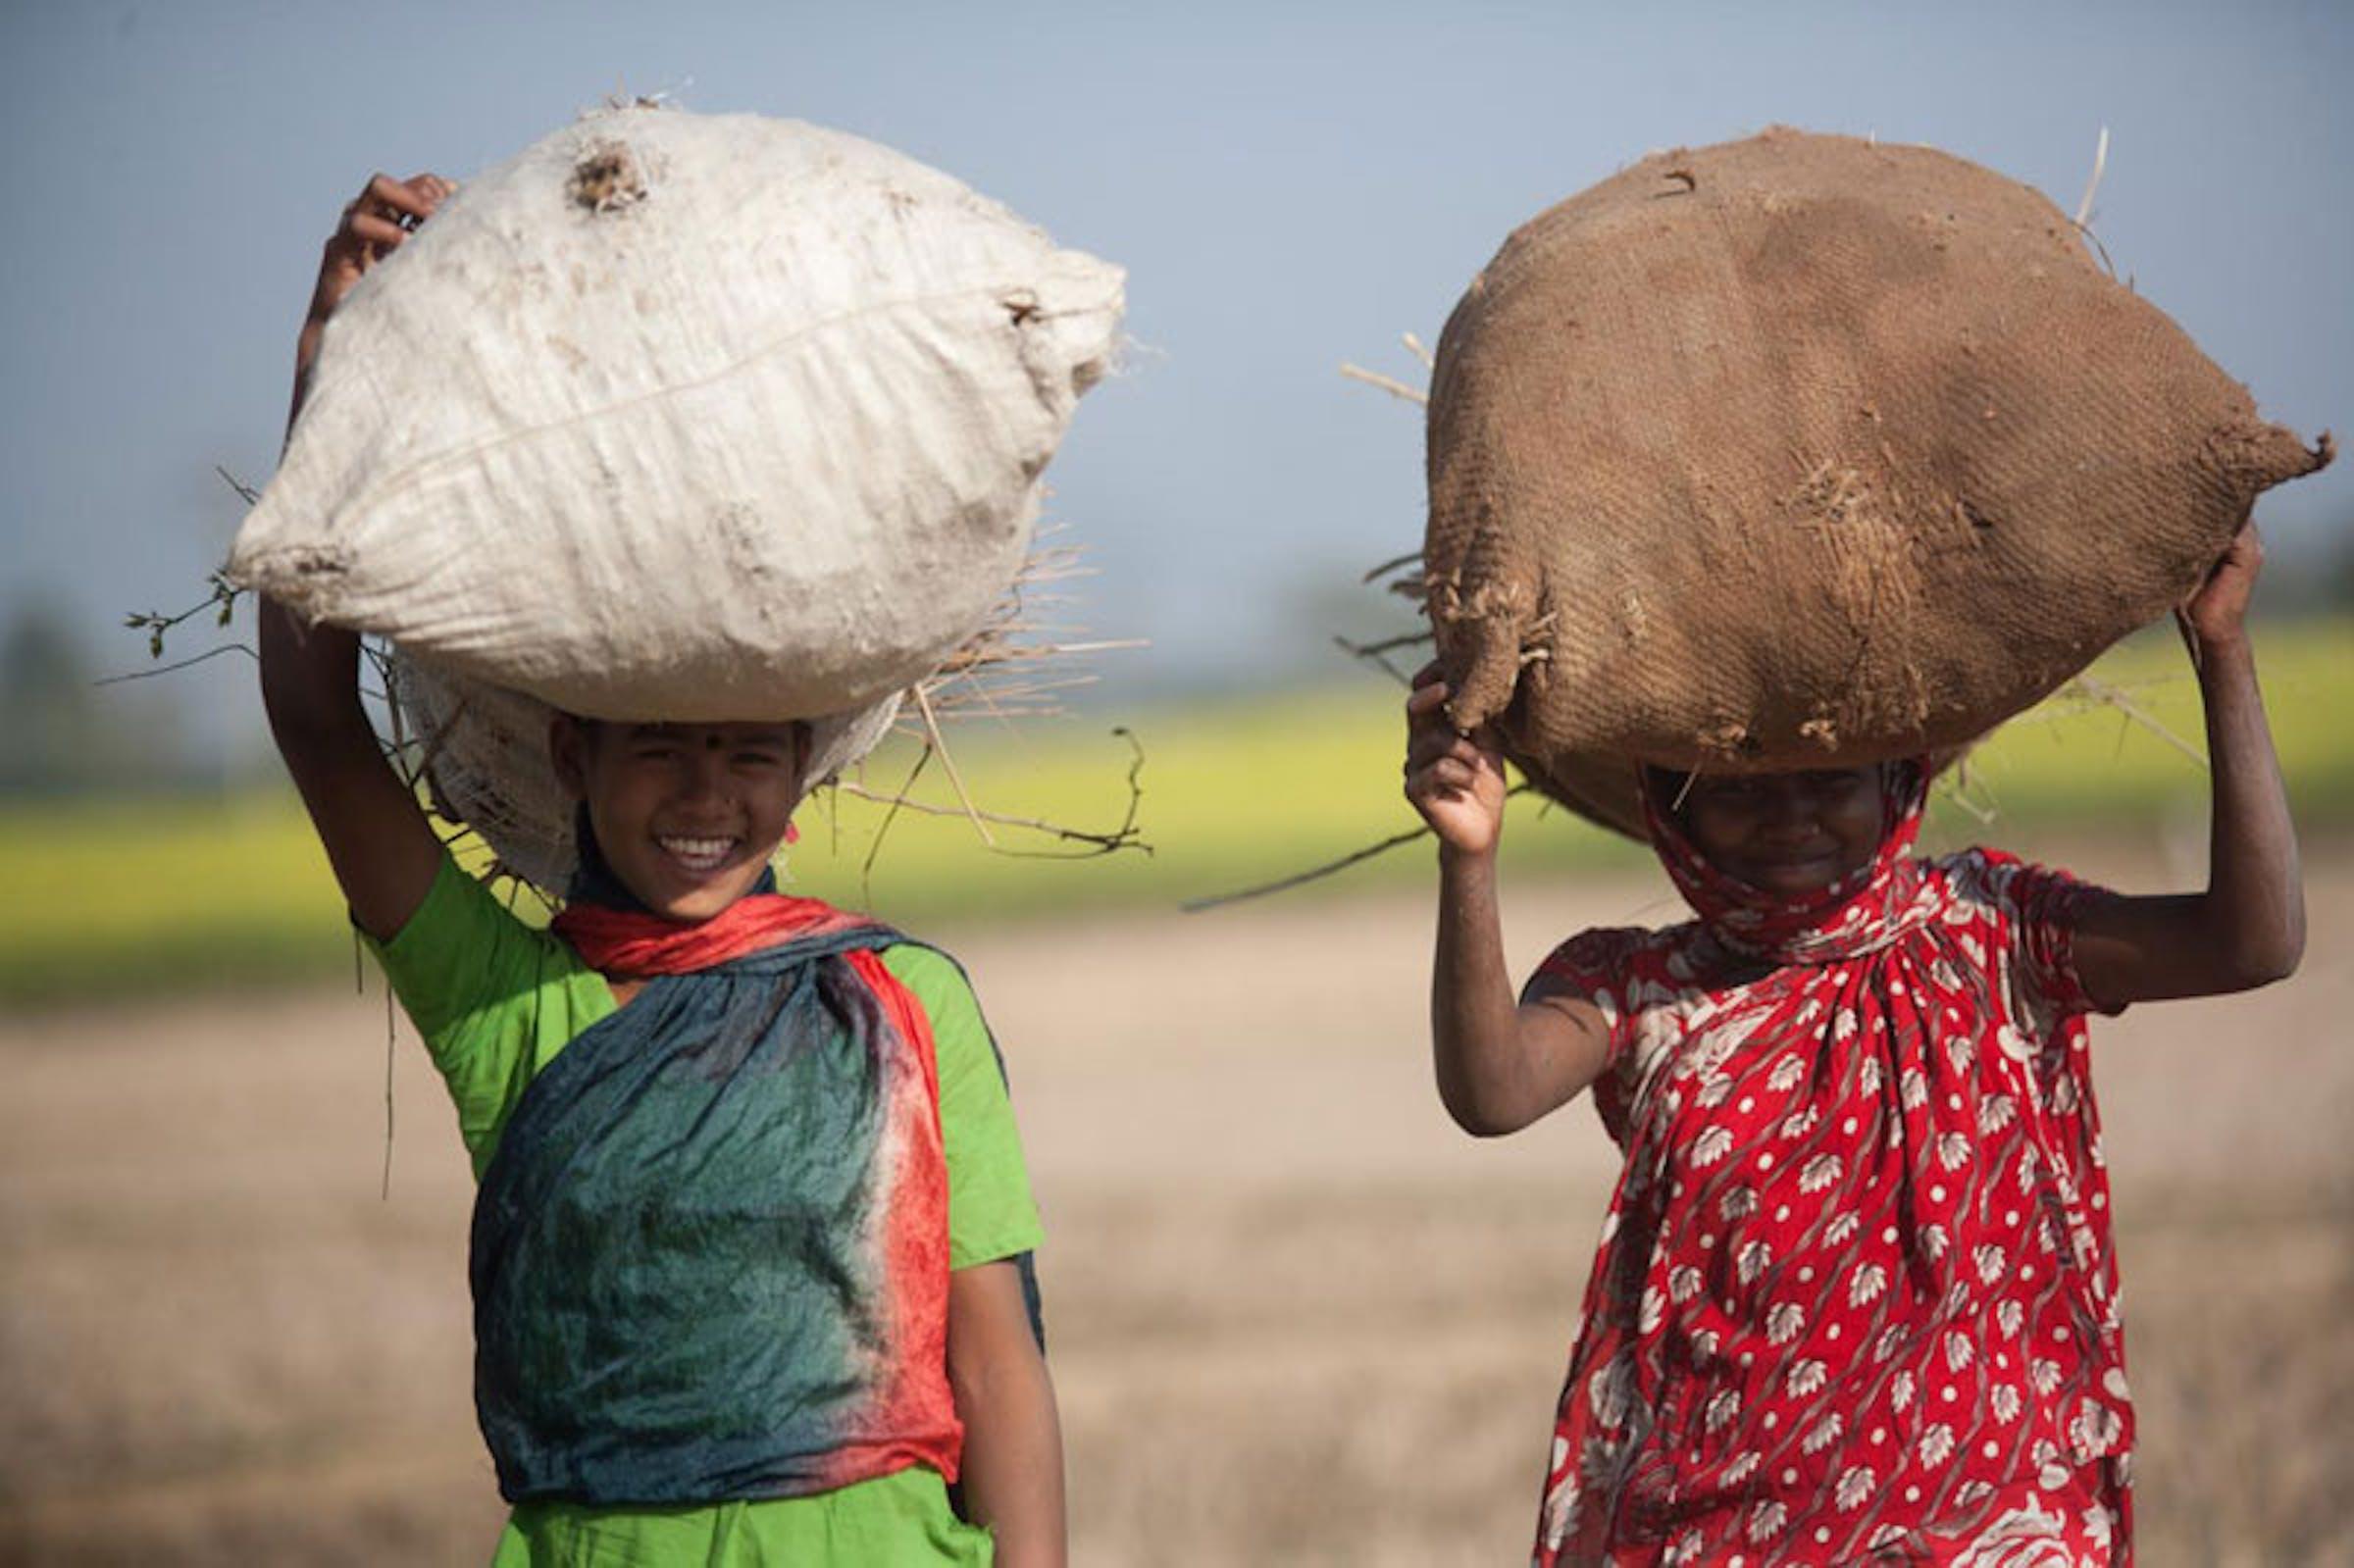 Bambini al lavoro nei campi di Rahangur (Bangladesh). L'agricoltura è il settore preponderante per i 115 milioni di minori impiegati nelle forme peggiori di sfruttamento del lavoro minorile - ©UNICEF Bangladesh/2013-0355/Habibul Haque